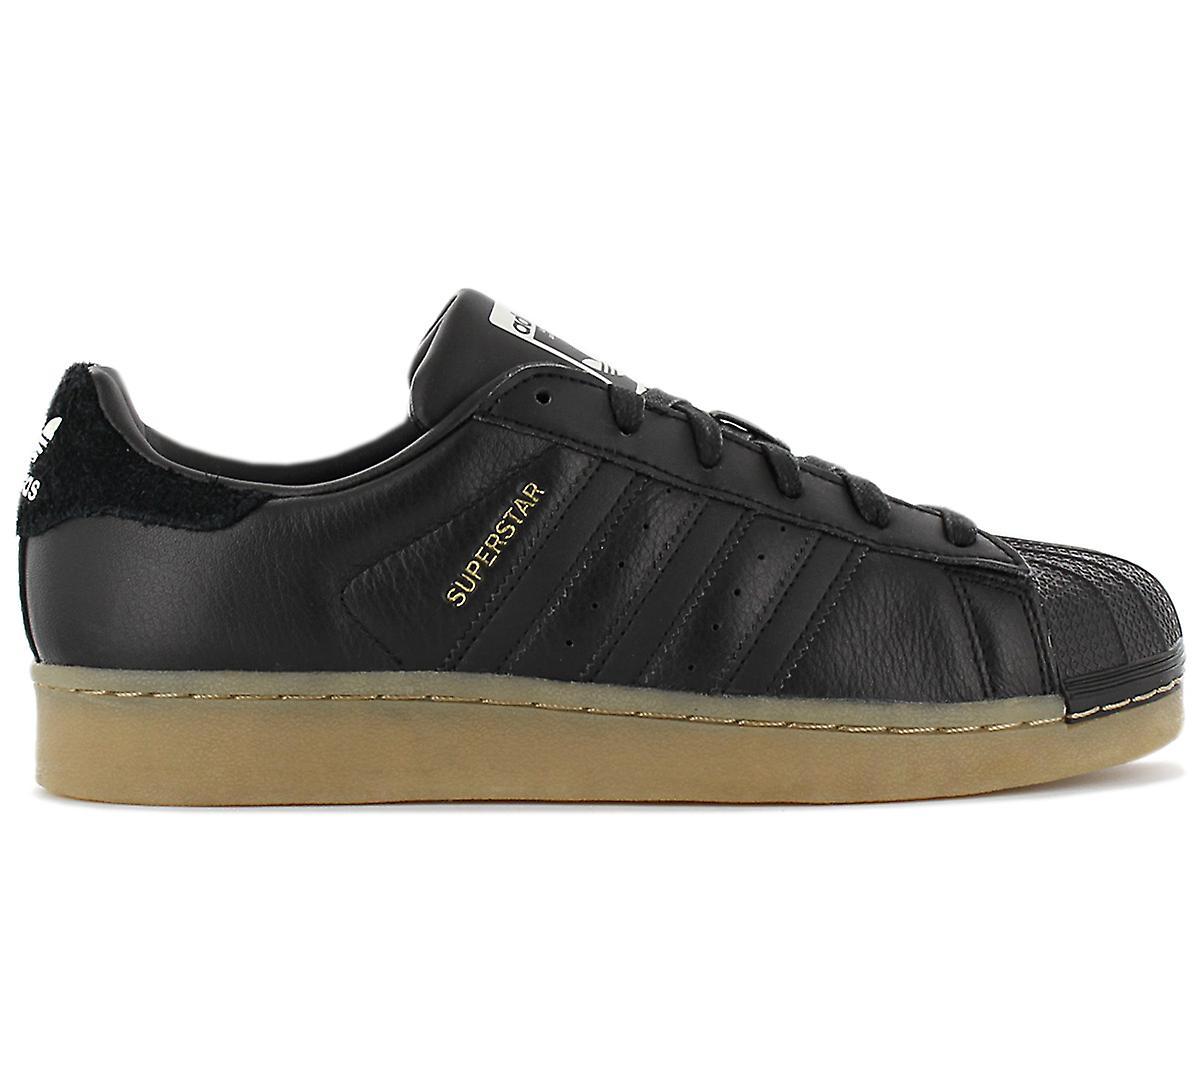 adidas Originals Superstar W B37148 Buty damskie Czarne trampki Sportowe Buty sportowe 06eM9